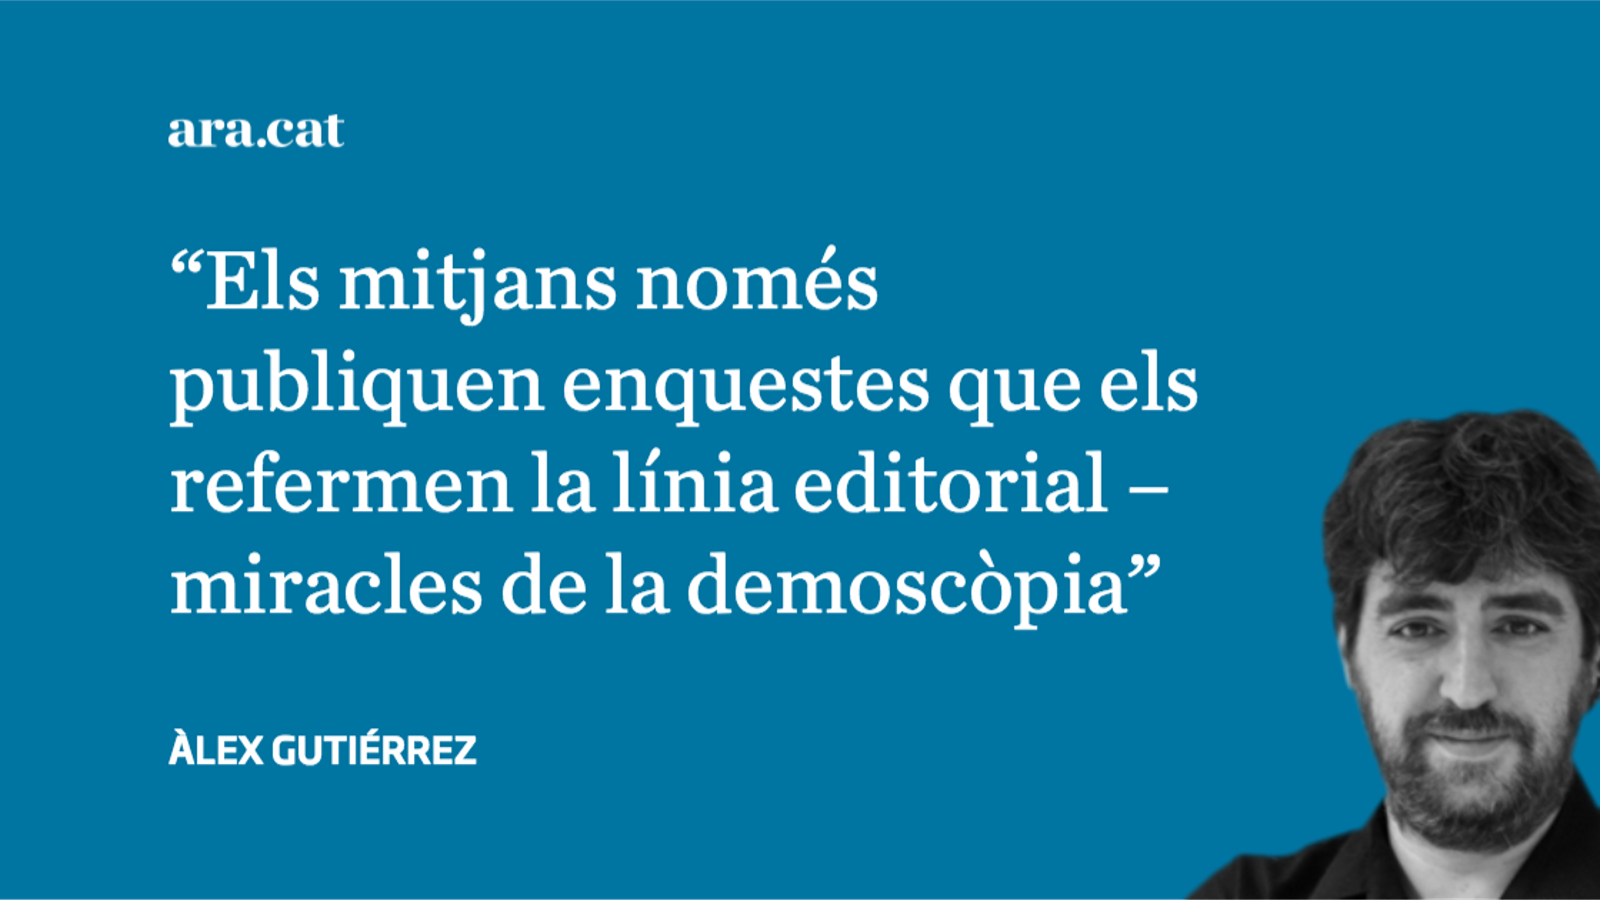 Un atac de maragallisme a 'El Periódico'